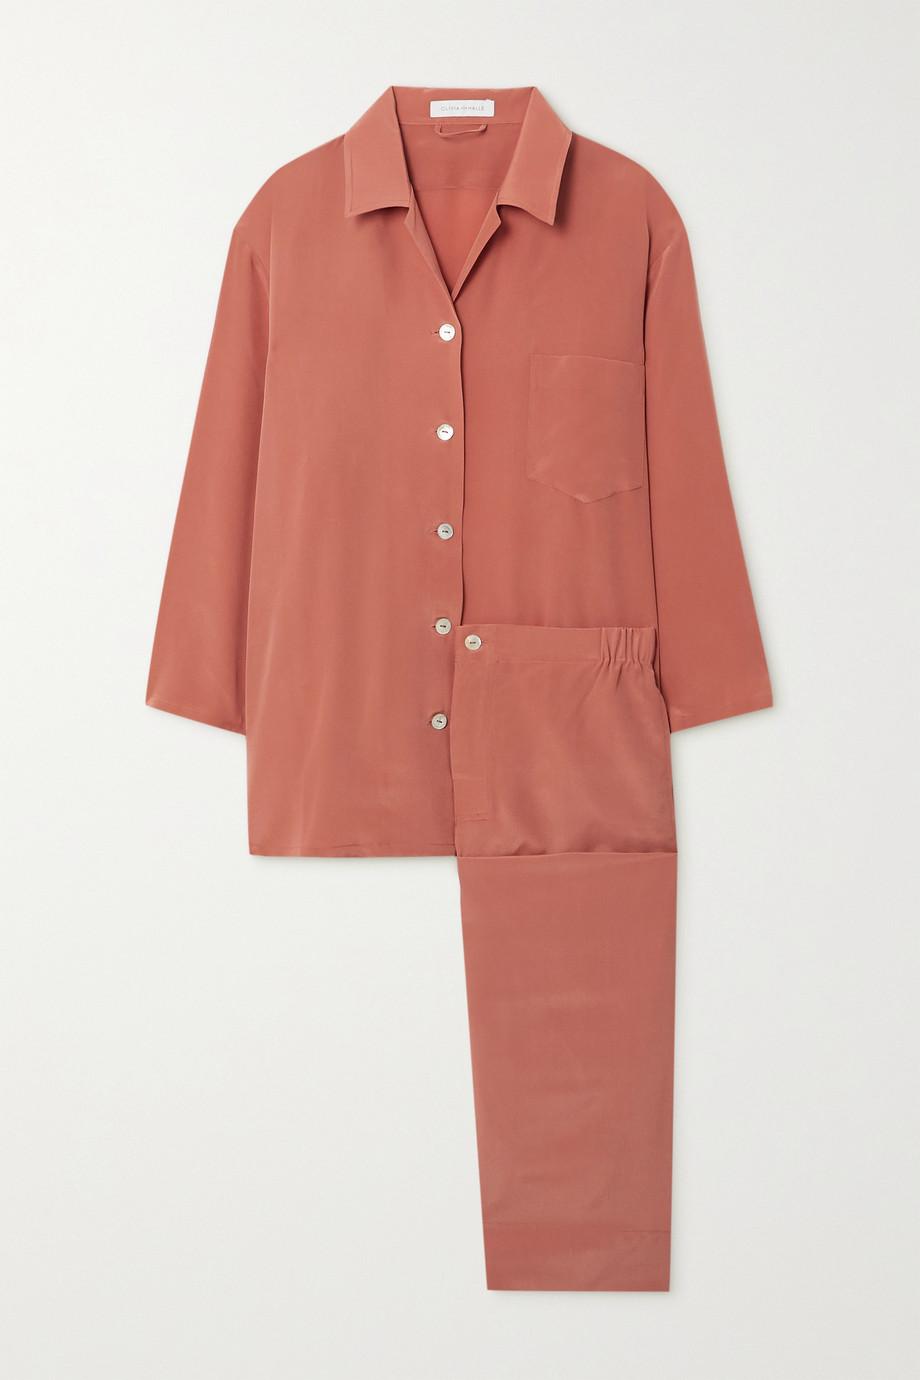 Olivia von Halle Casablanca Pyjama aus Crêpe de Chine aus Seide